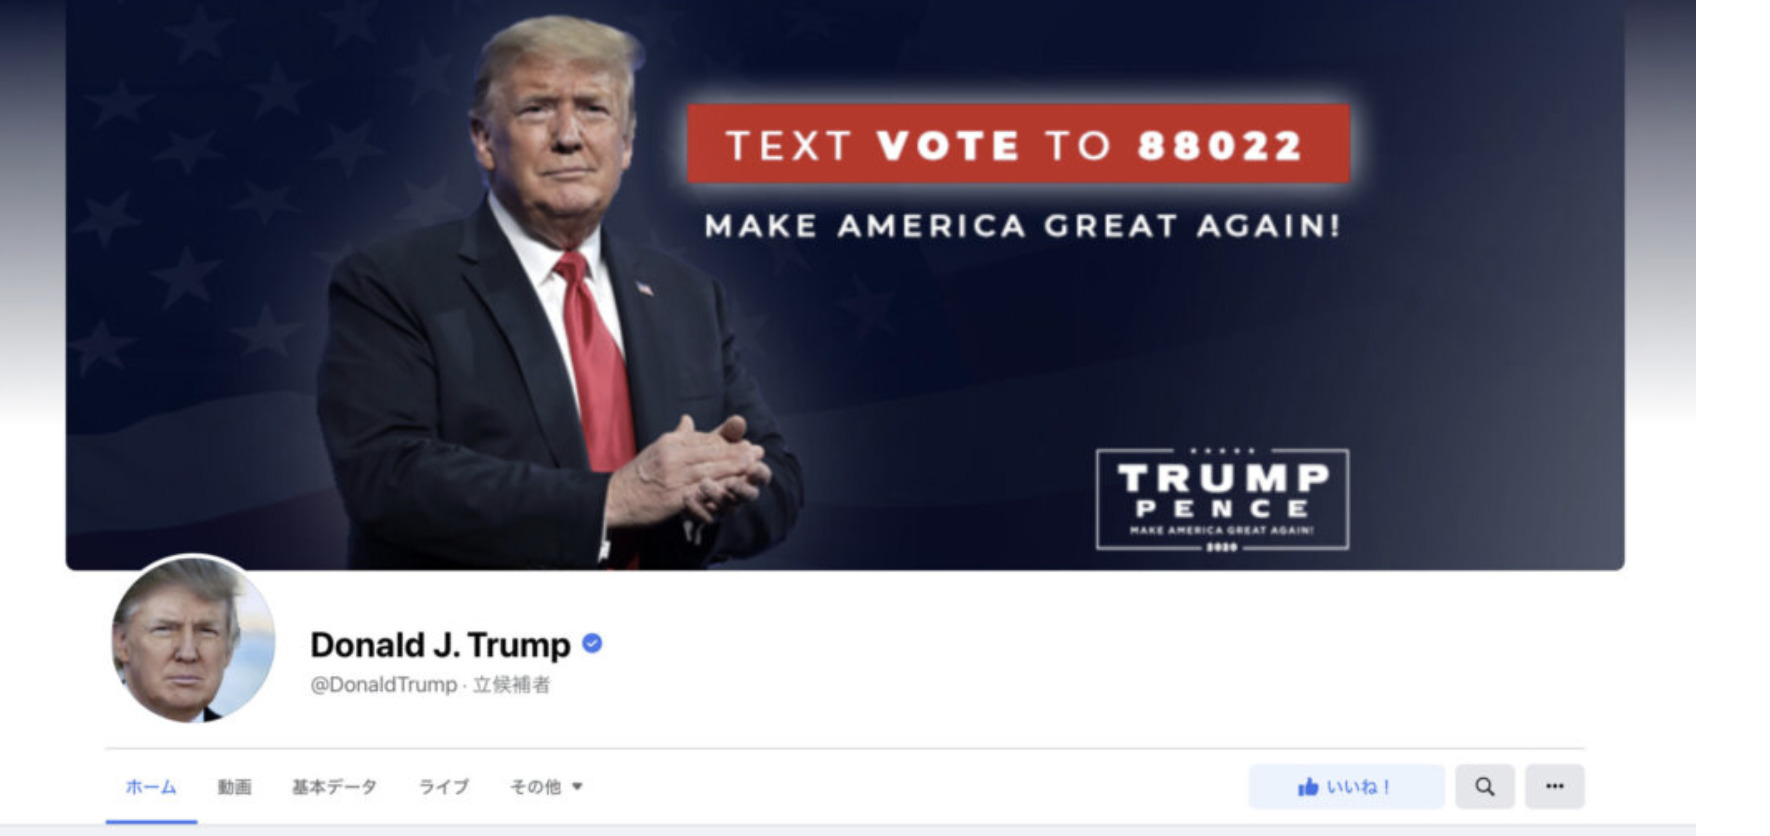 トランプ氏のYoutube・Facebookが復活!まもなく第三次世界大戦の発表か!?